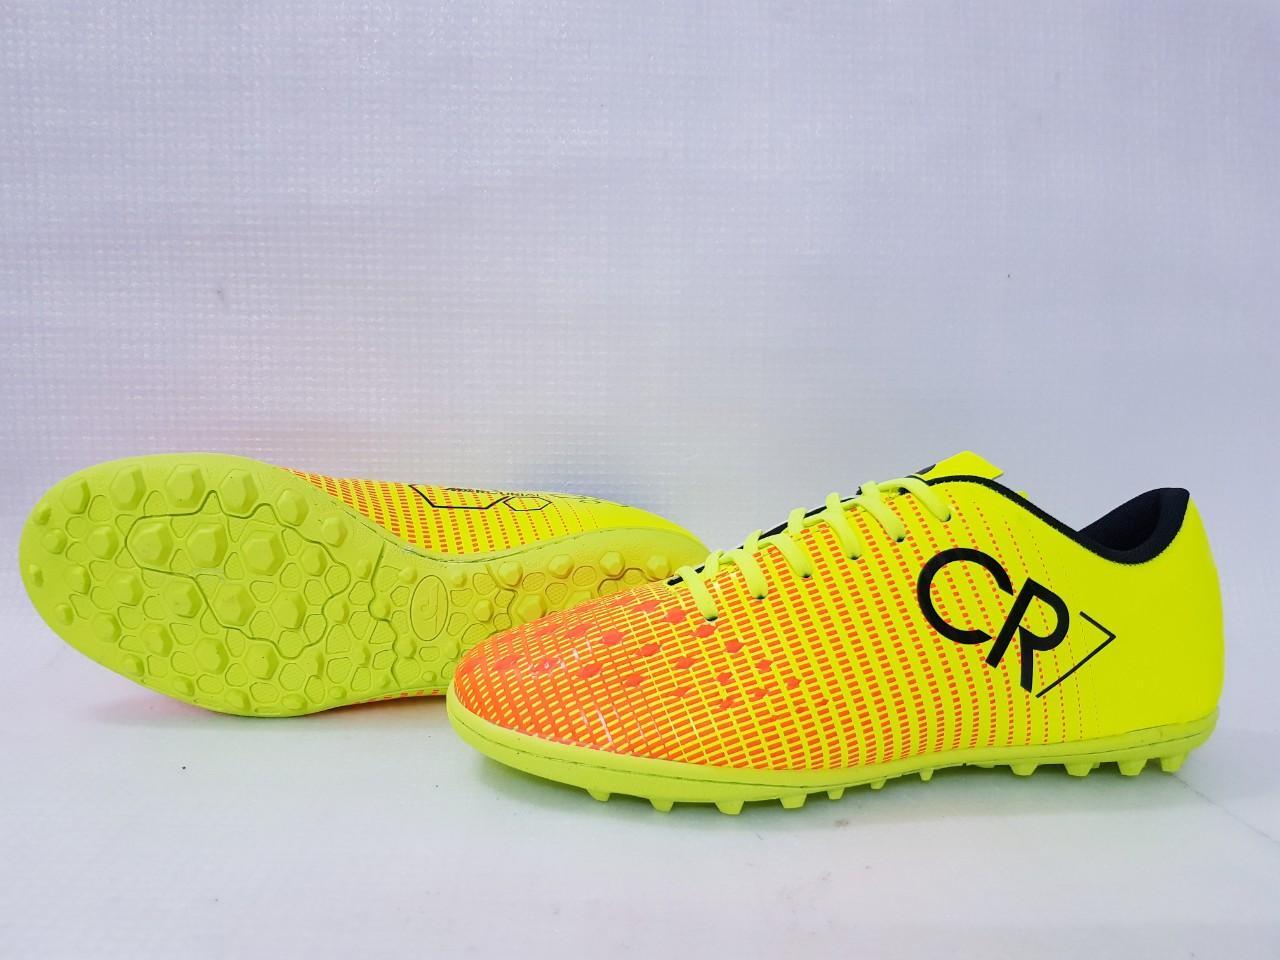 Giày đá bóng cao cấp CR7 caro F 2019 Cực Đẹp- cỏ nhân tạo -Khâu full giày Nhật Bản